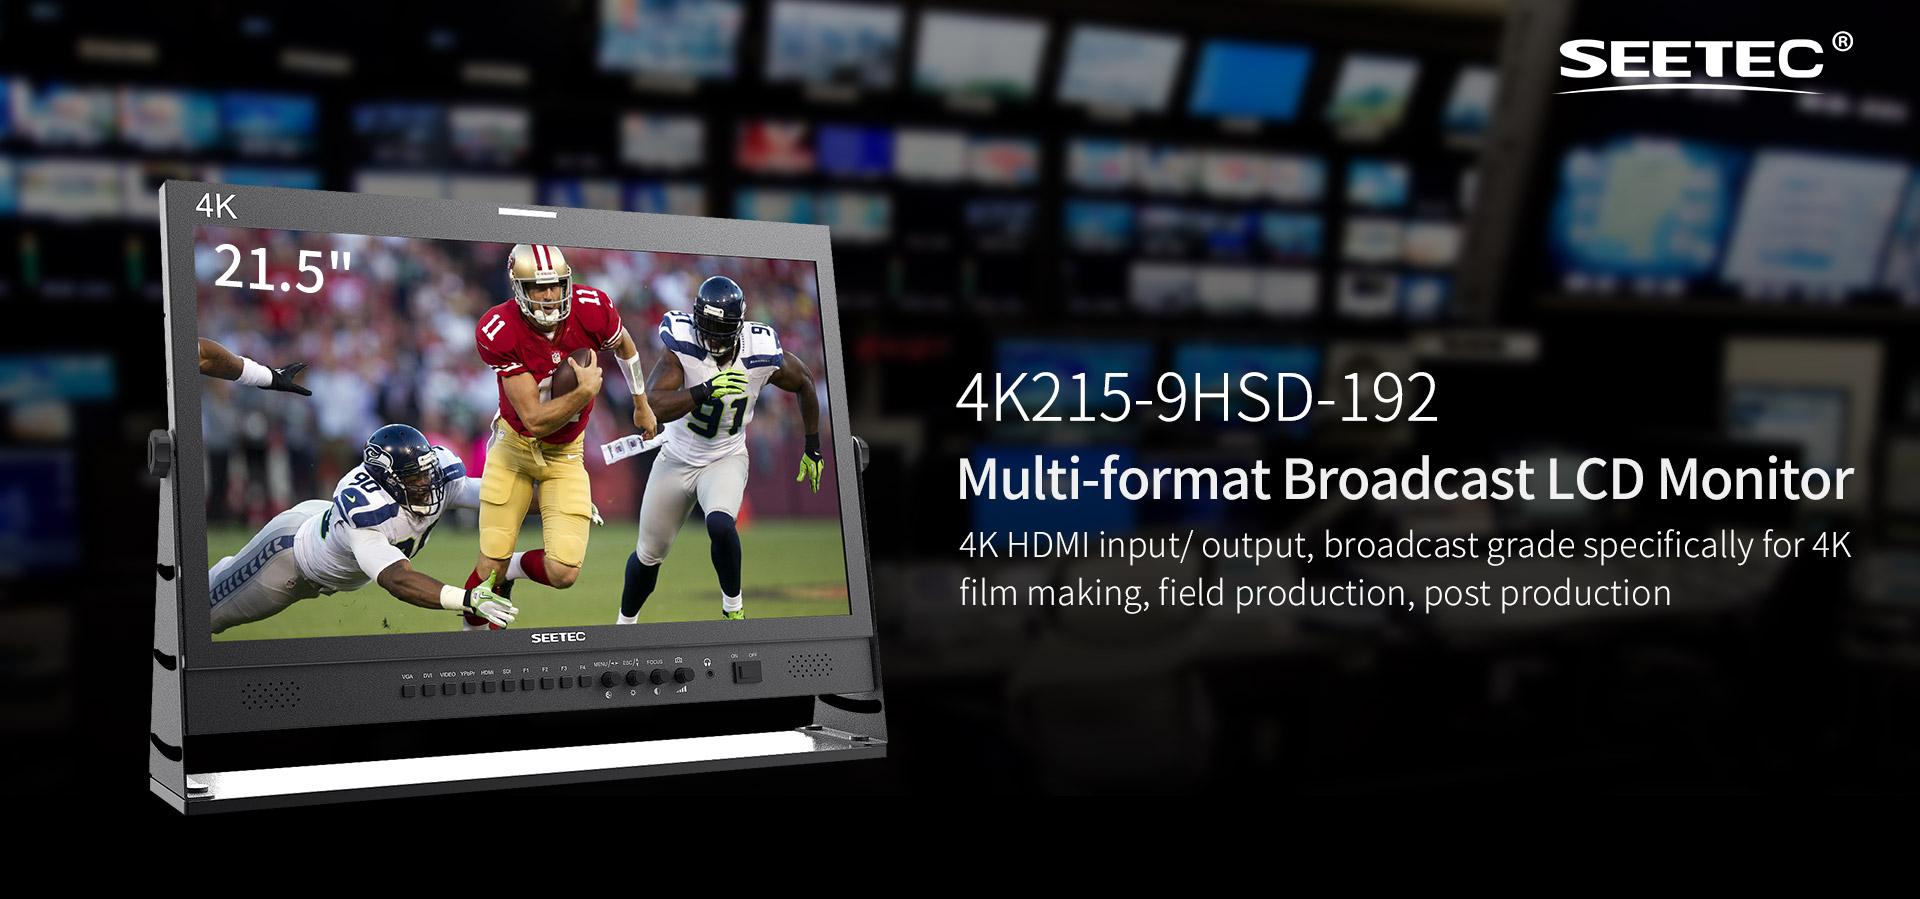 Monitor 4K HDMI 21.5 inch 3G-SDI 4K215-9HSD-192 SEETEC